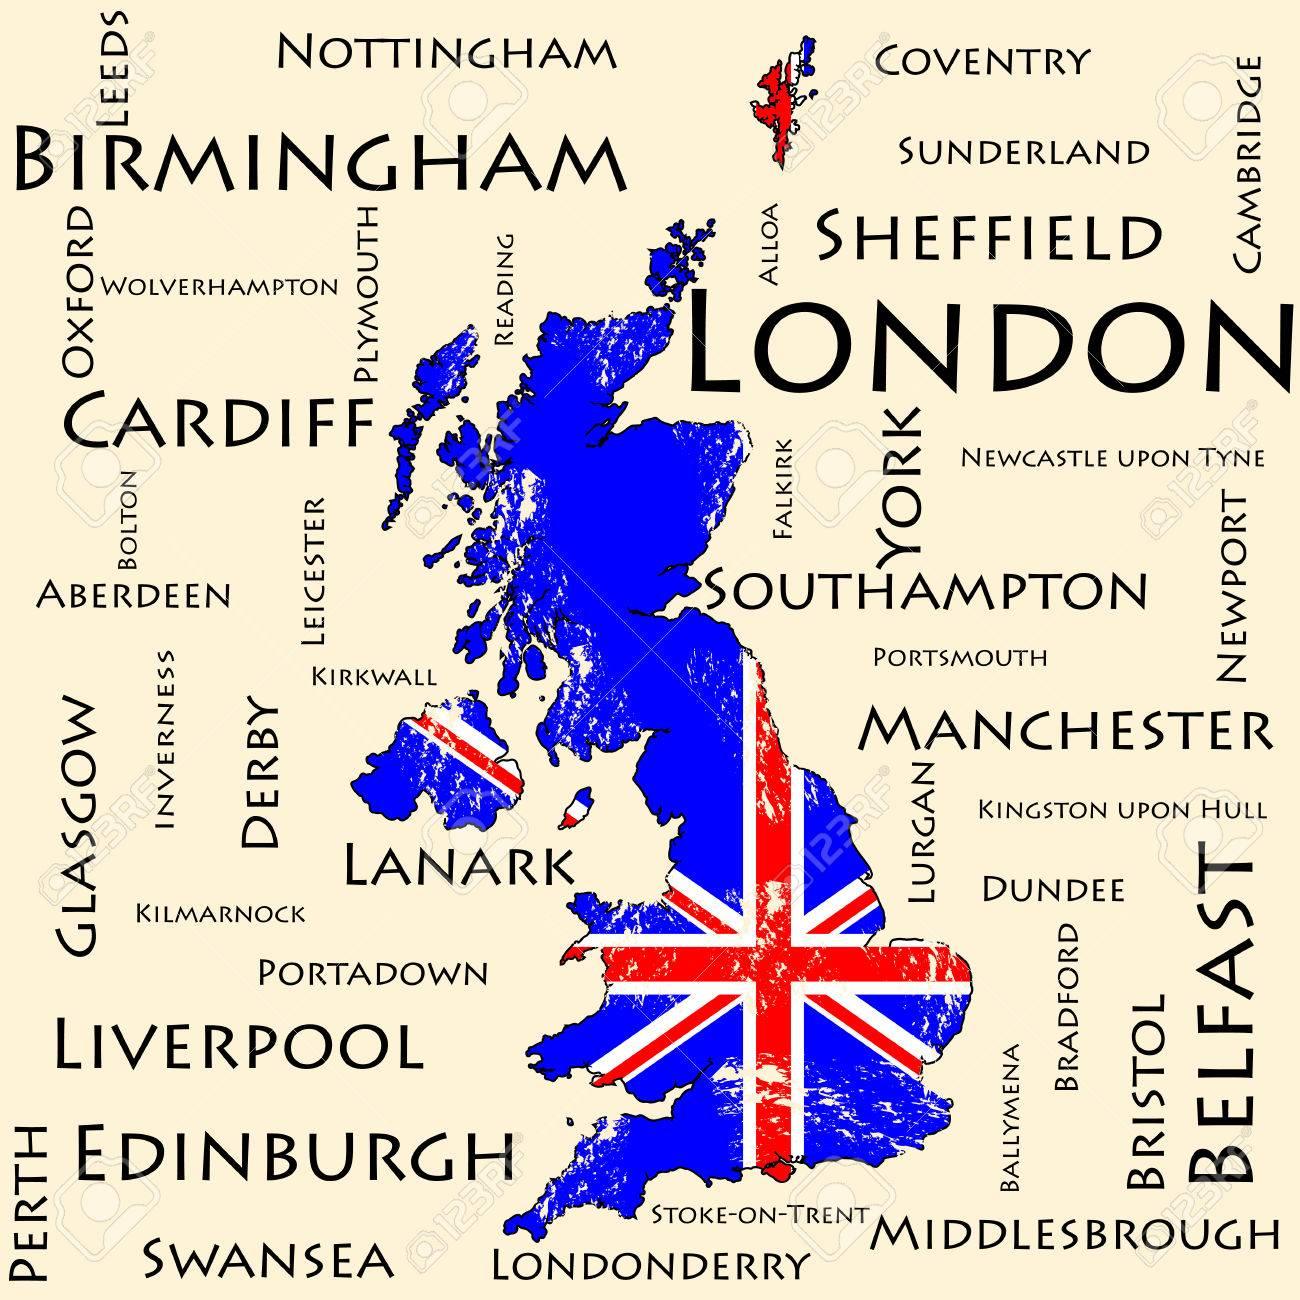 Immagini Della Cartina Della Gran Bretagna.Vettoriale Mappa Della Gran Bretagna Bandiera Il Nome Delle Piu Grandi Citta Image 49825009